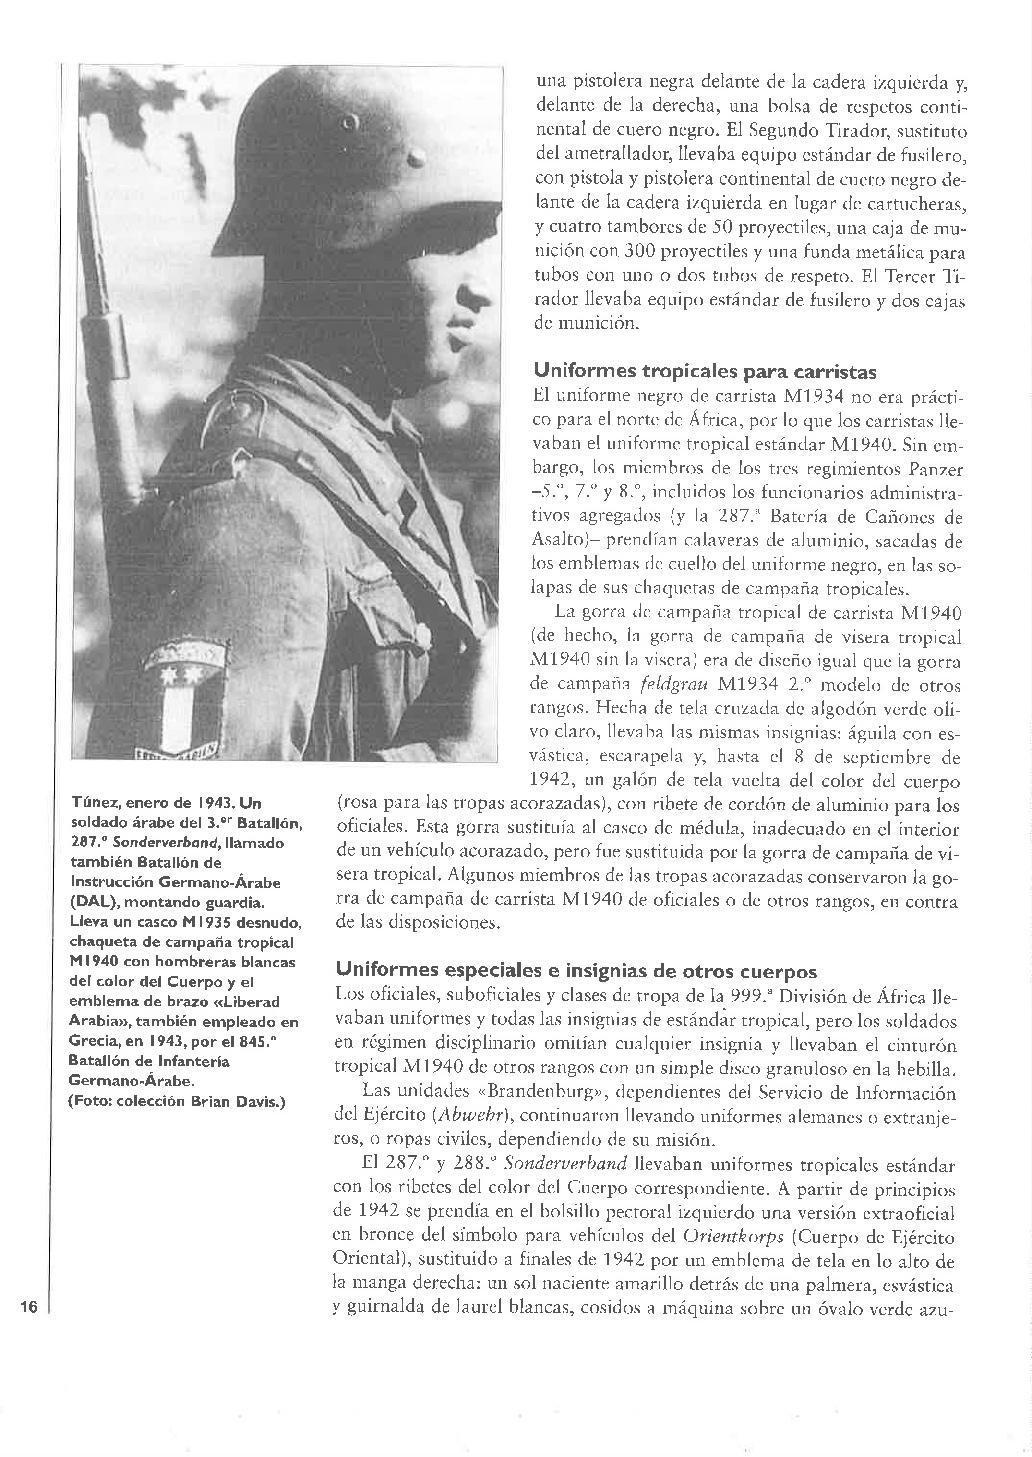 el afrikakorps y las fuerzas alemanas en los balcanes